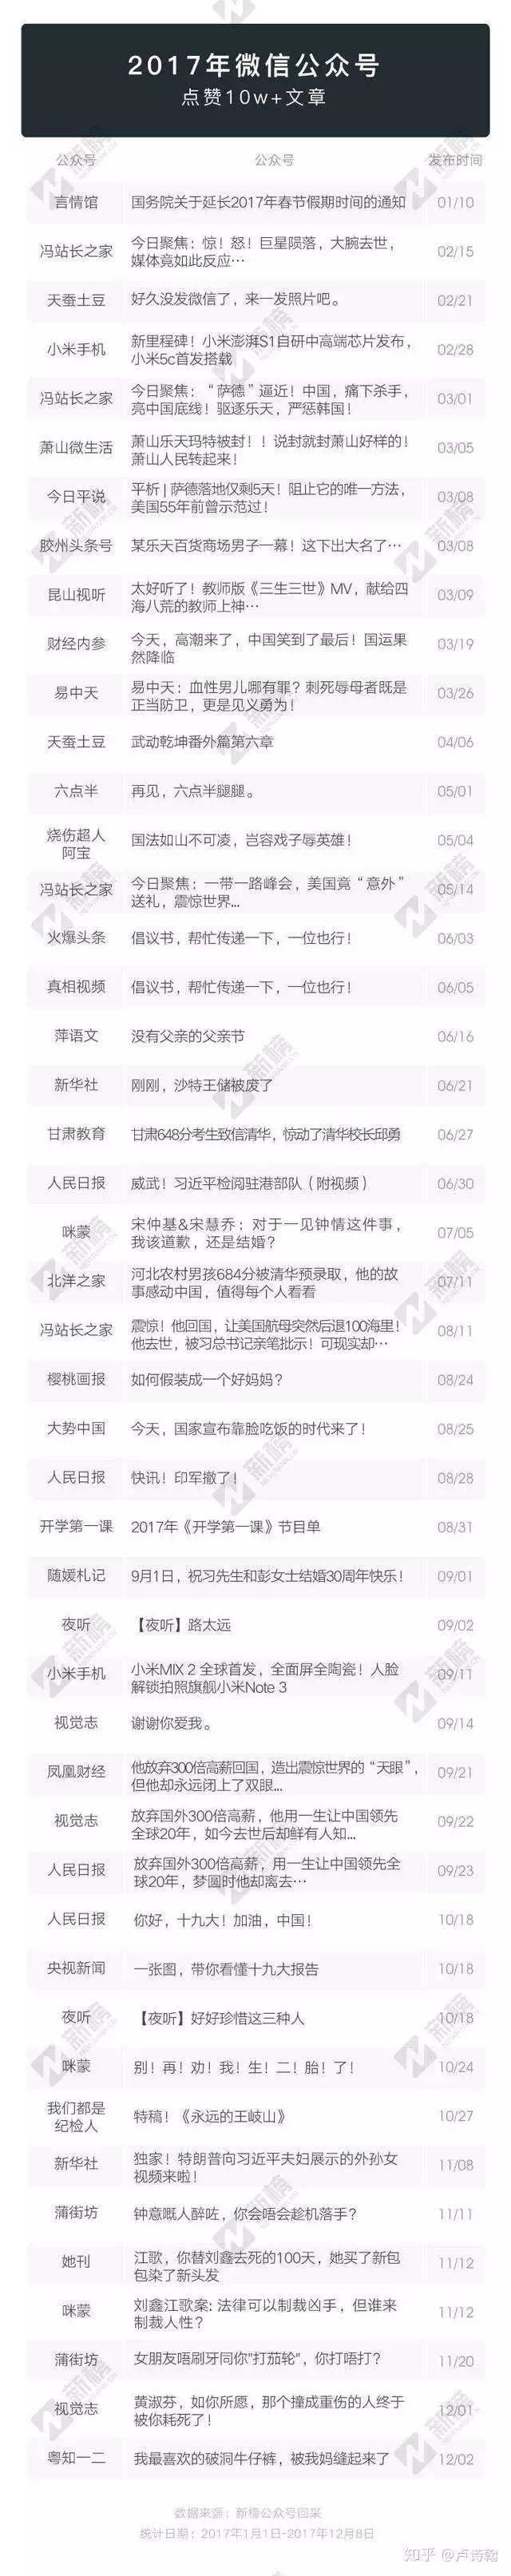 新媒体写作预习资料集锦#新媒体写作课-课程预习材料(价值988元)